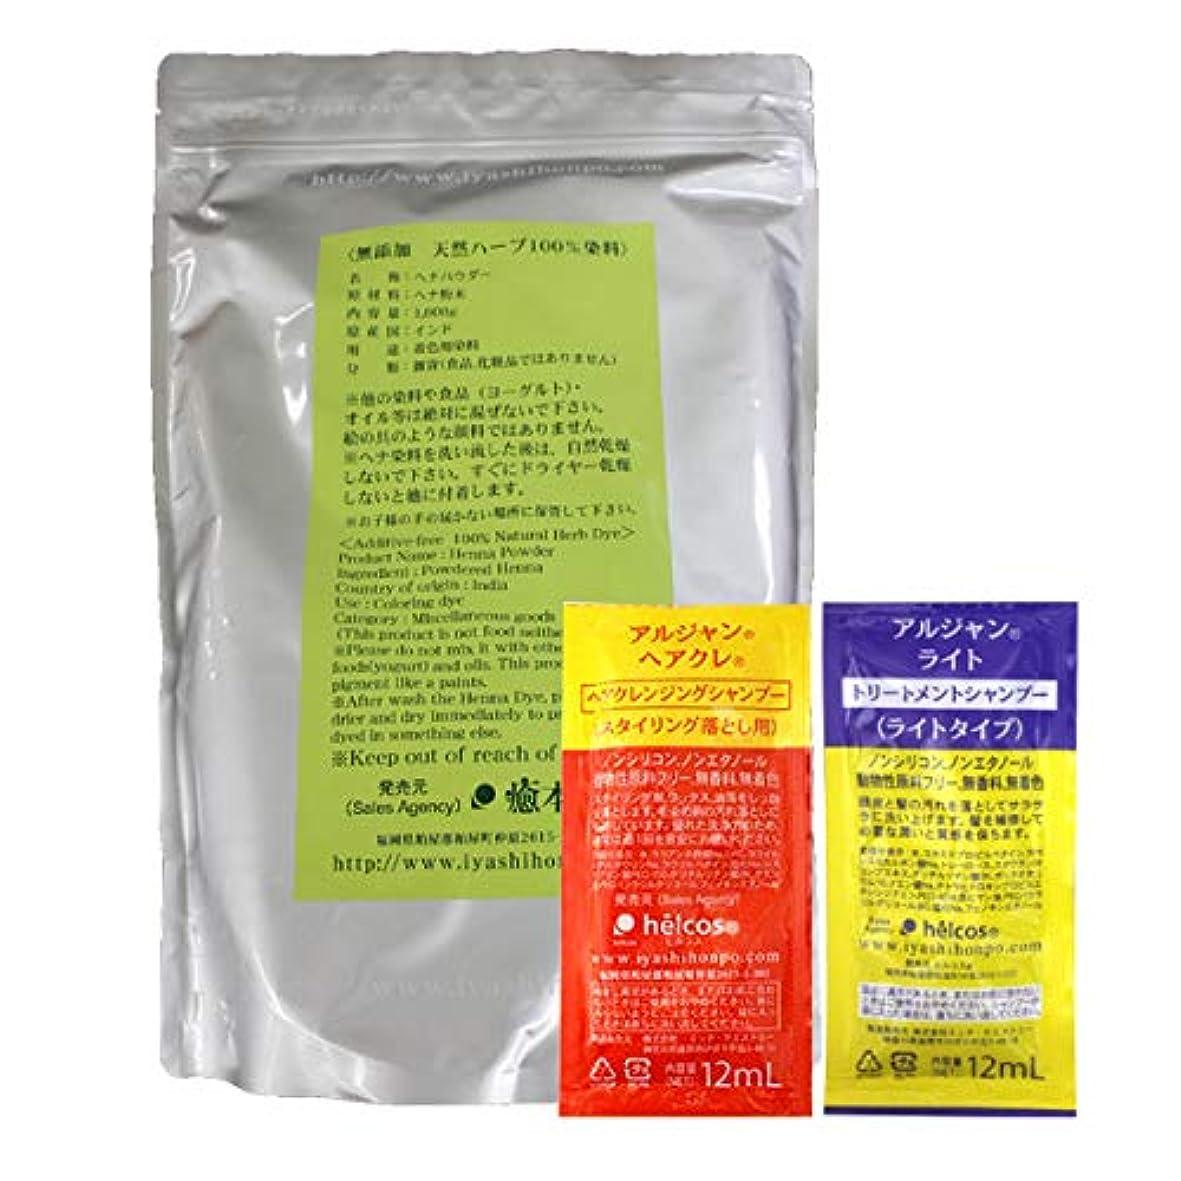 実行するシャトル歌白髪染め ヘナ(天然染料100%) 1,000g + シャンプー2種セット 癒本舗(ブラウン)